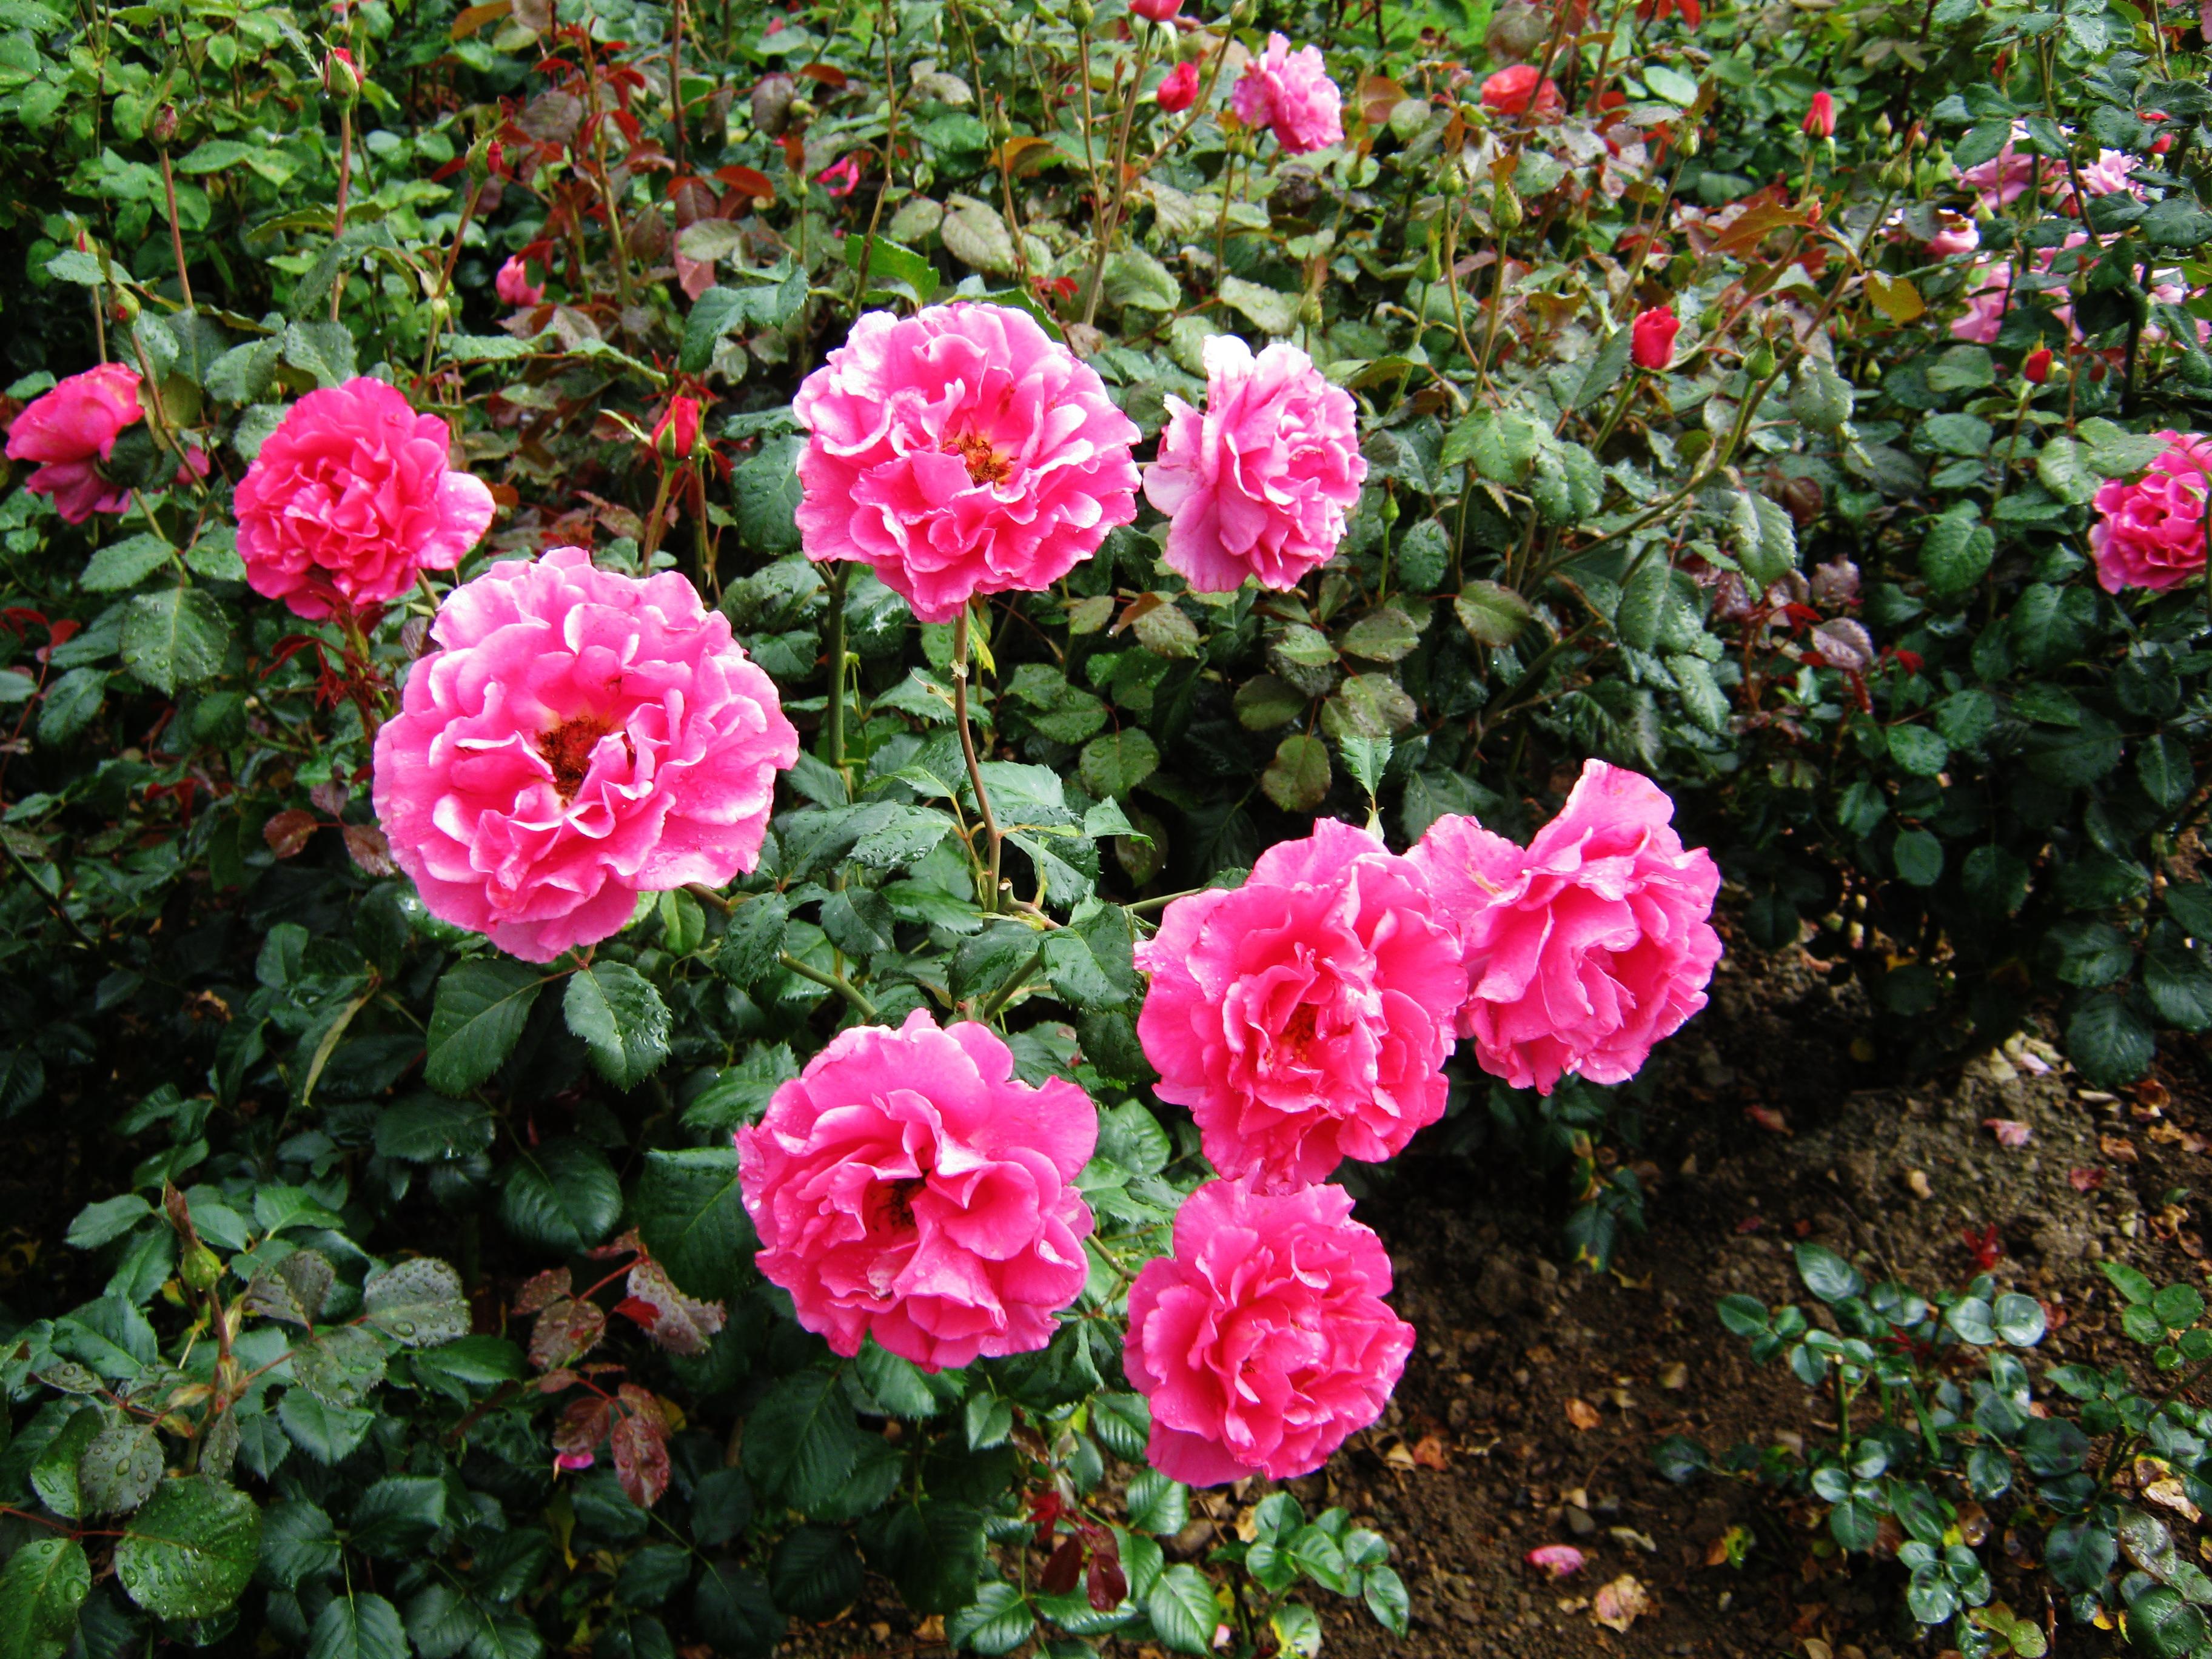 Struiken Met Bloemen Voor In De Tuin.Gratis Afbeeldingen Fabriek Bloem Purper Tuin Bloemen